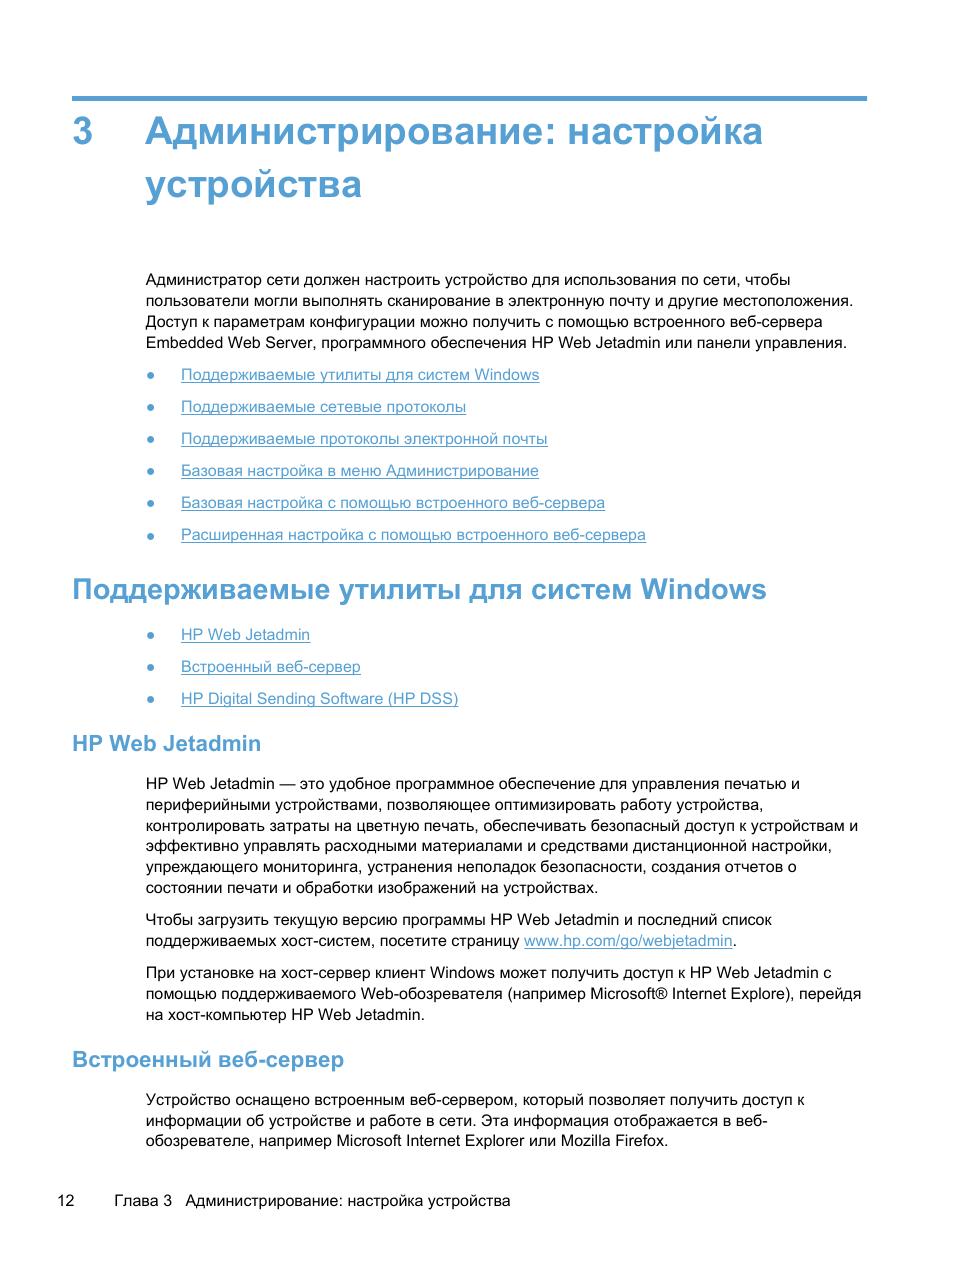 Администрирование: настройка устройства, Поддерживаемые